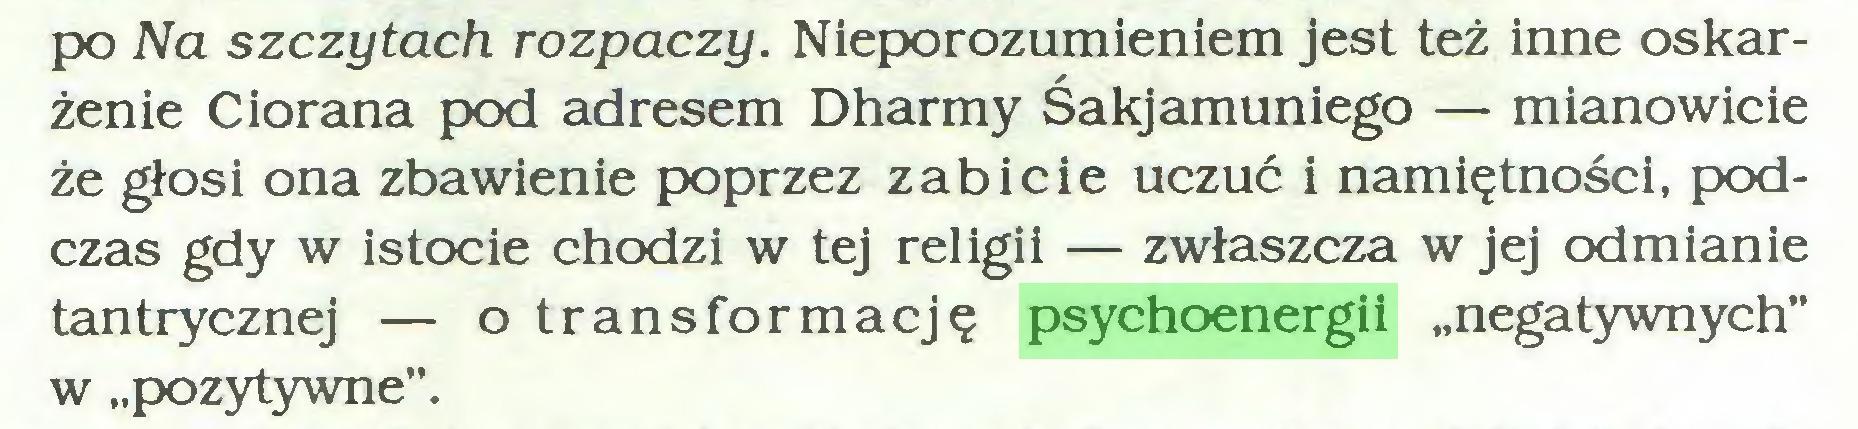 """(...) po Na szczytach rozpaczy. Nieporozumieniem jest też inne oskarżenie Ciorana pod adresem Dharmy Śakjamuniego — mianowicie że głosi ona zbawienie poprzez zabicie uczuć i namiętności, podczas gdy w istocie chodzi w tej religii — zwłaszcza w jej odmianie tantrycznej — o transformację psychoenergii """"negatywnych"""" w """"pozytywne""""..."""